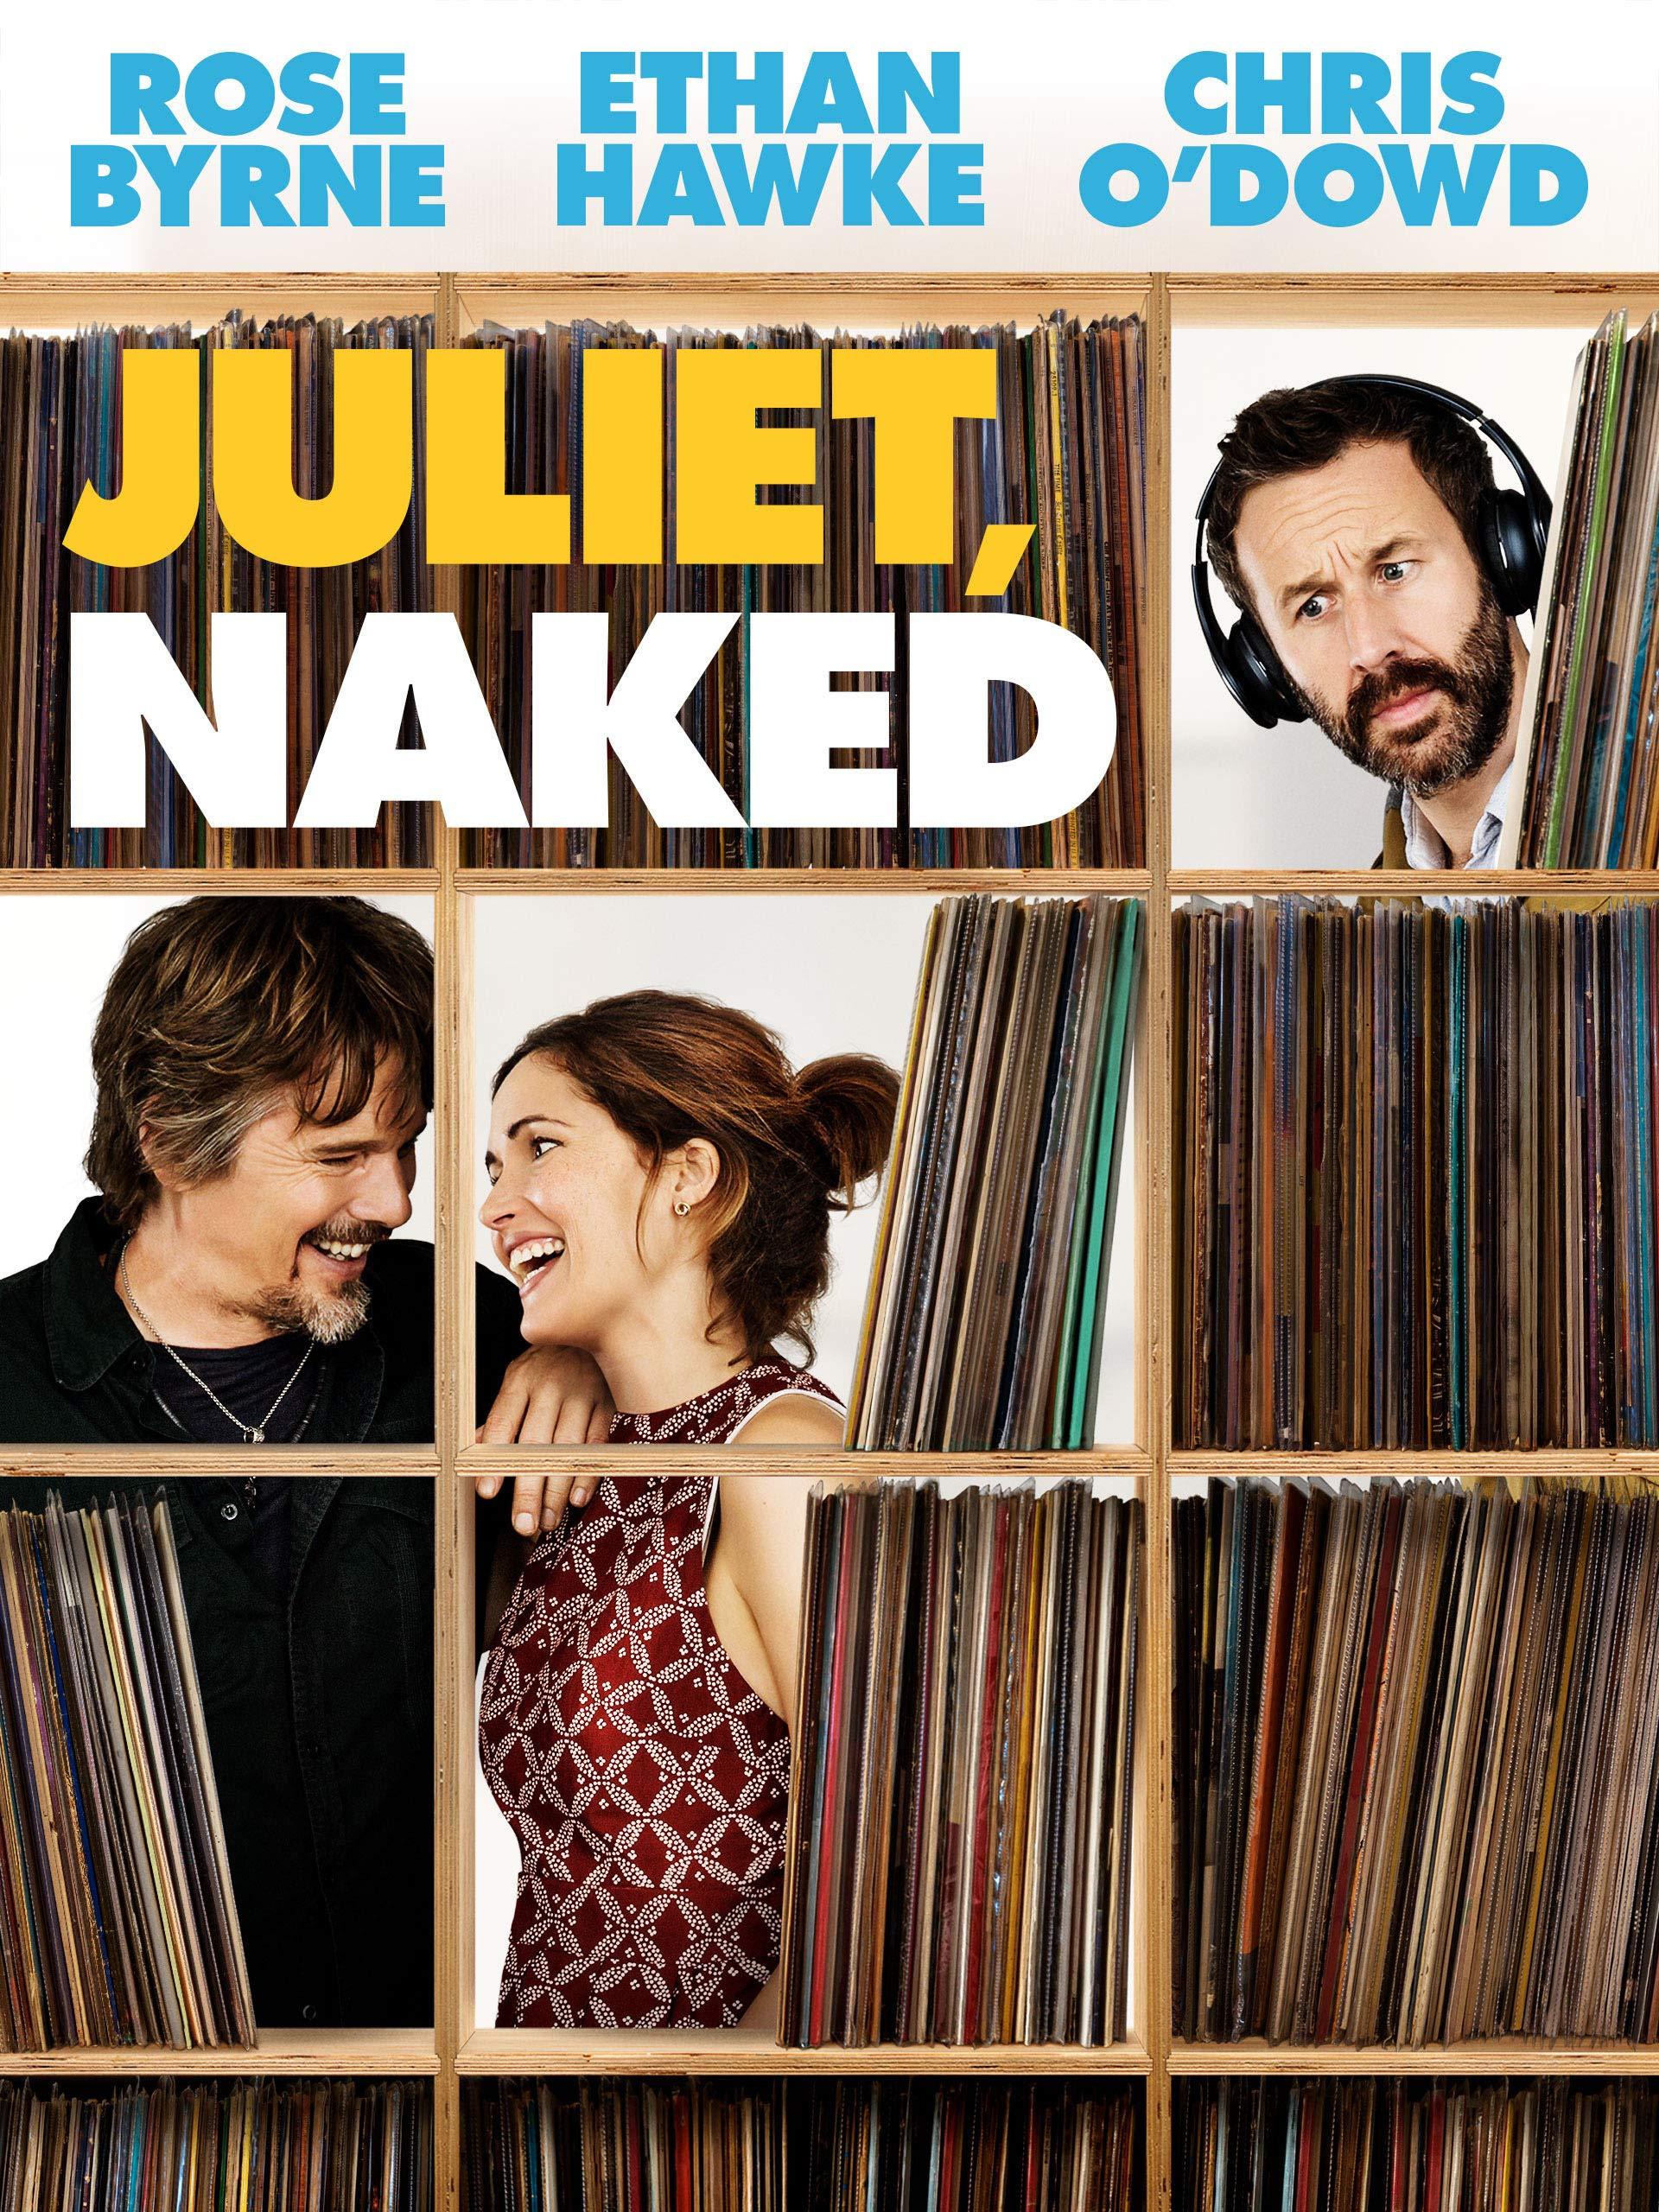 Amazon.com: Juliet, Naked: Rose Byrne, Ethan Hawke, Chris ODowd ...